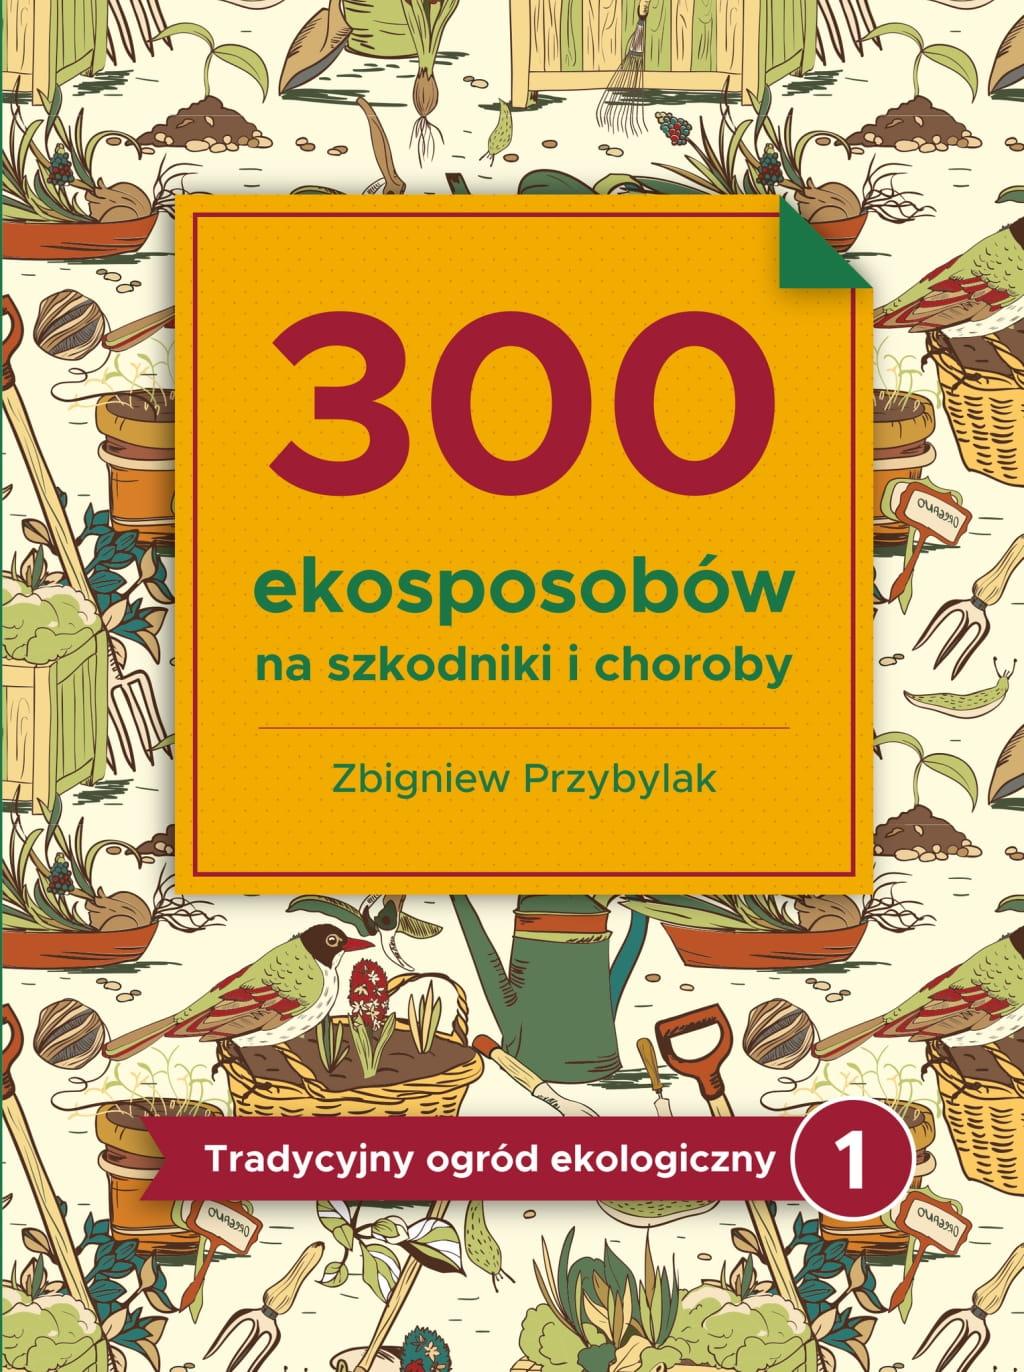 Image of 300 ekosposobów na szkodniki i choroby - Zbigniew Przybylak